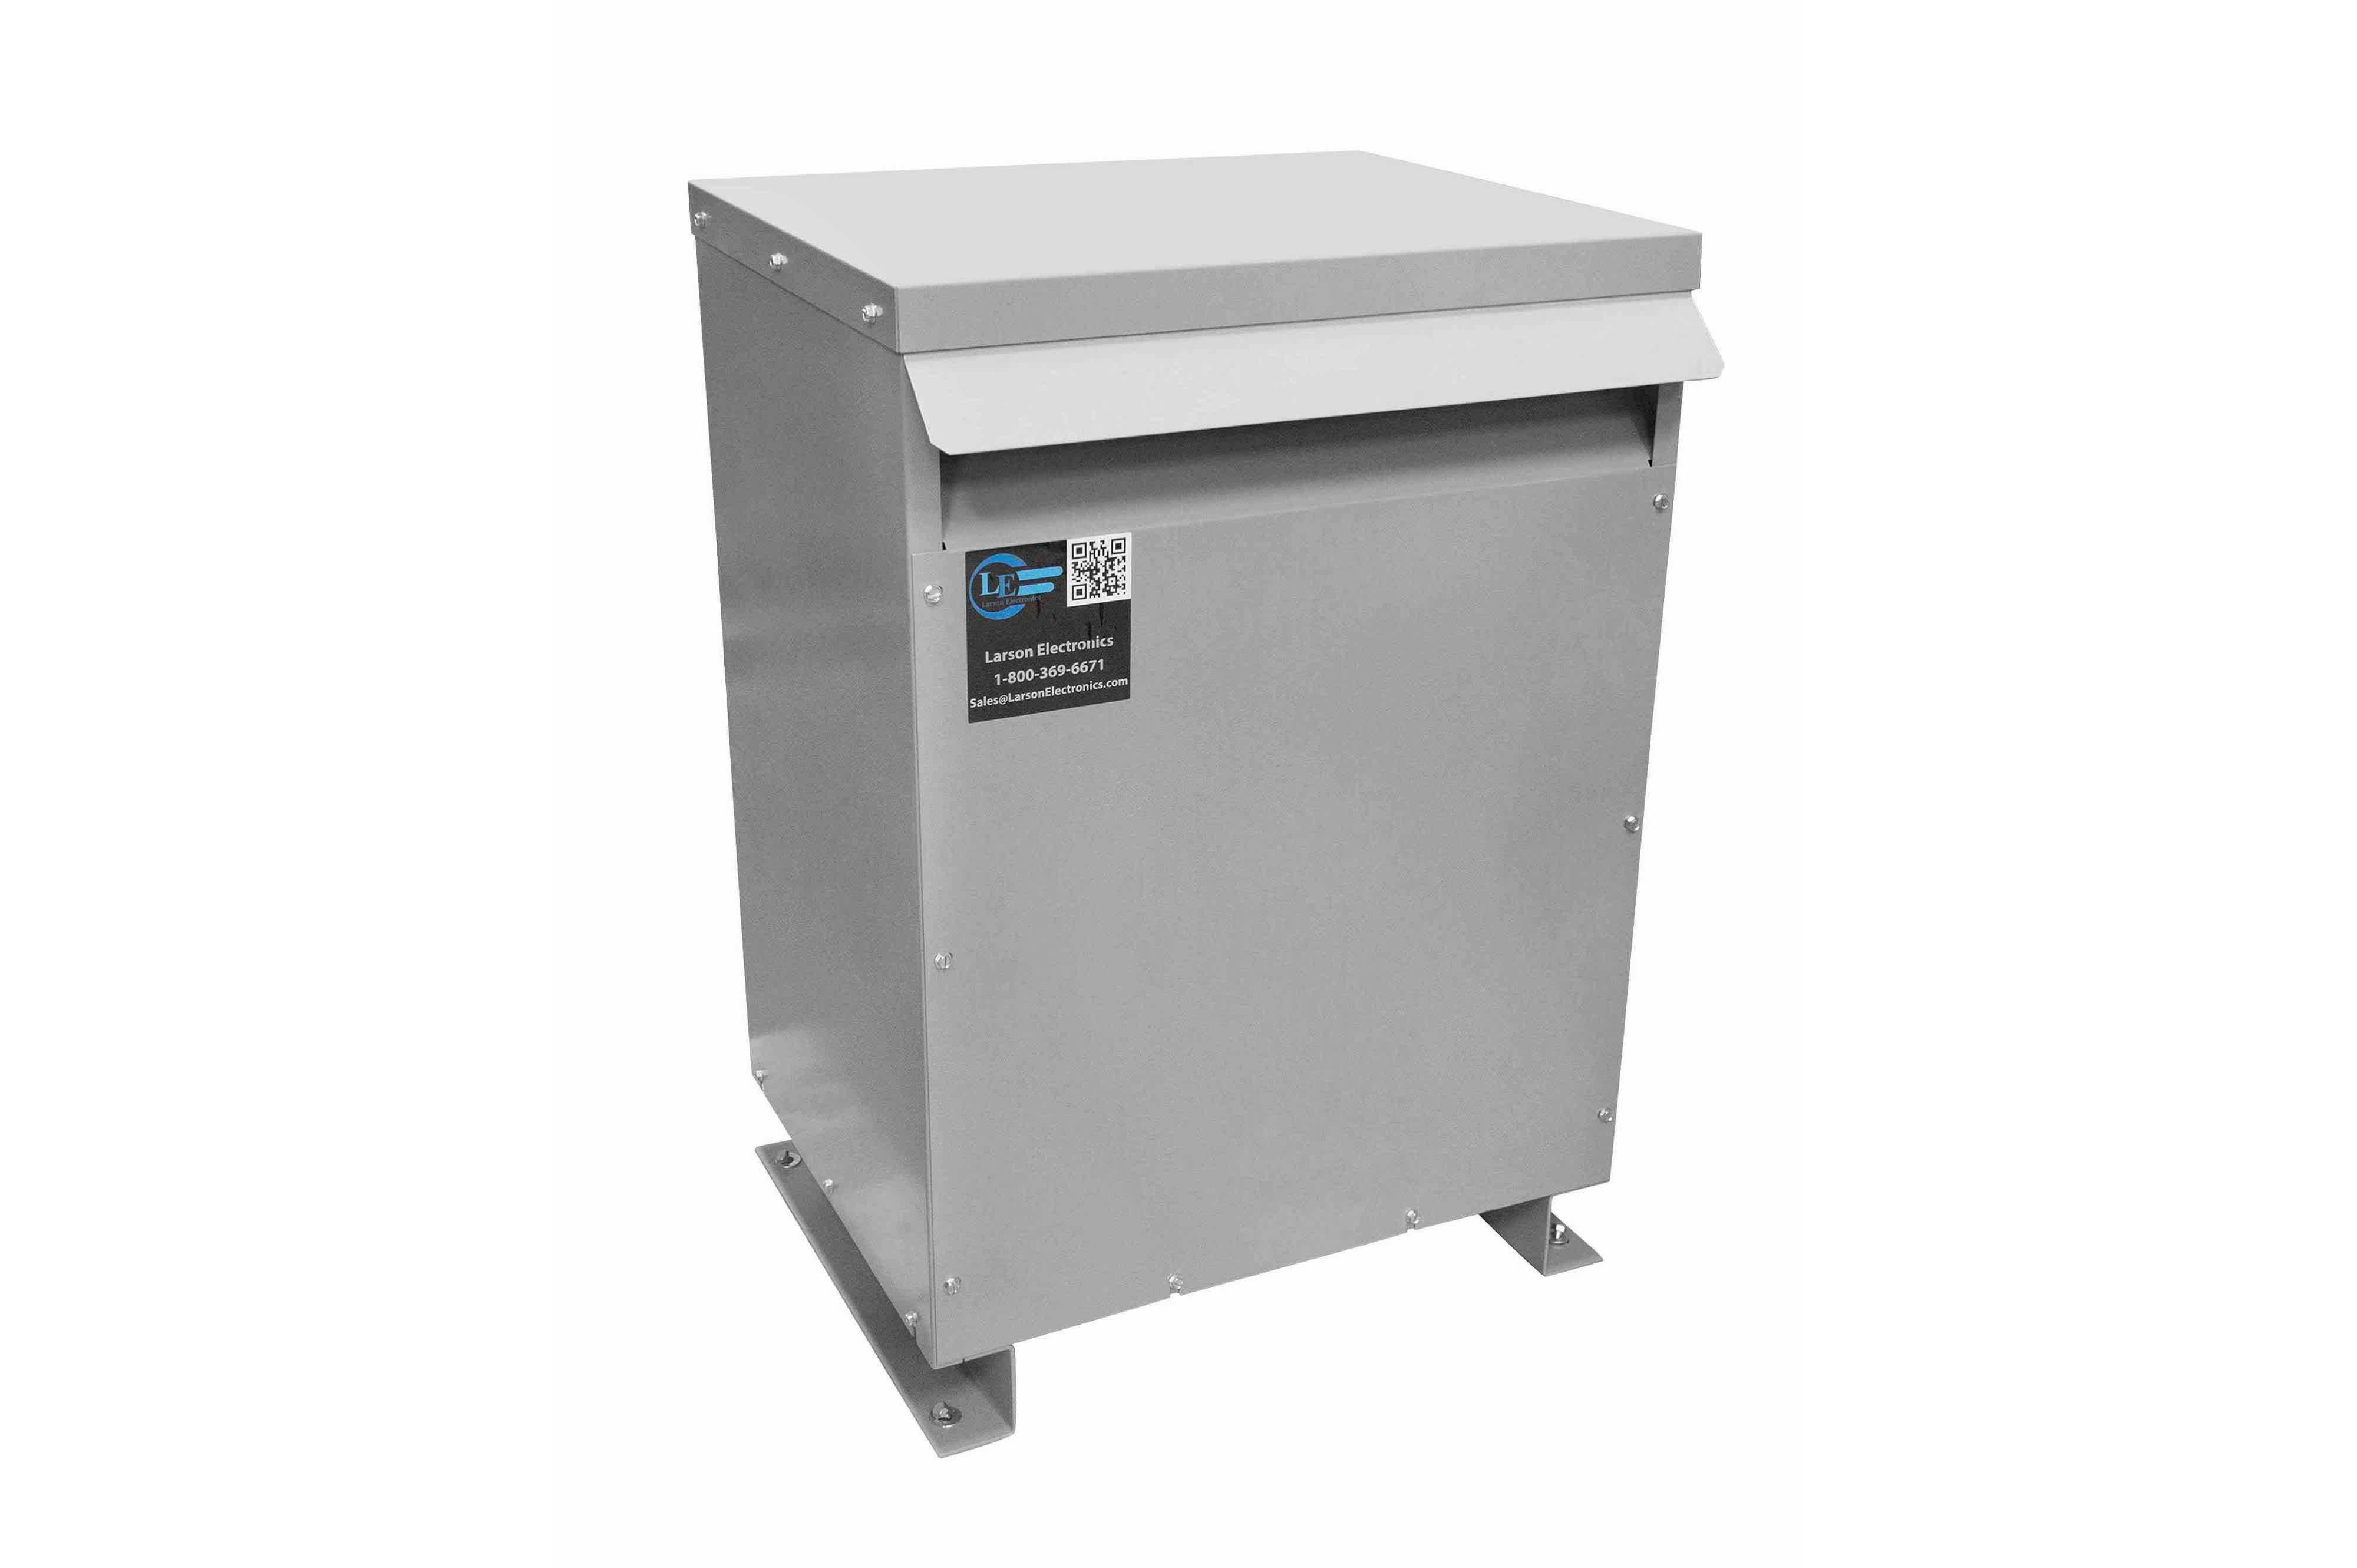 37.5 kVA 3PH DOE Transformer, 480V Delta Primary, 240V/120 Delta Secondary, N3R, Ventilated, 60 Hz